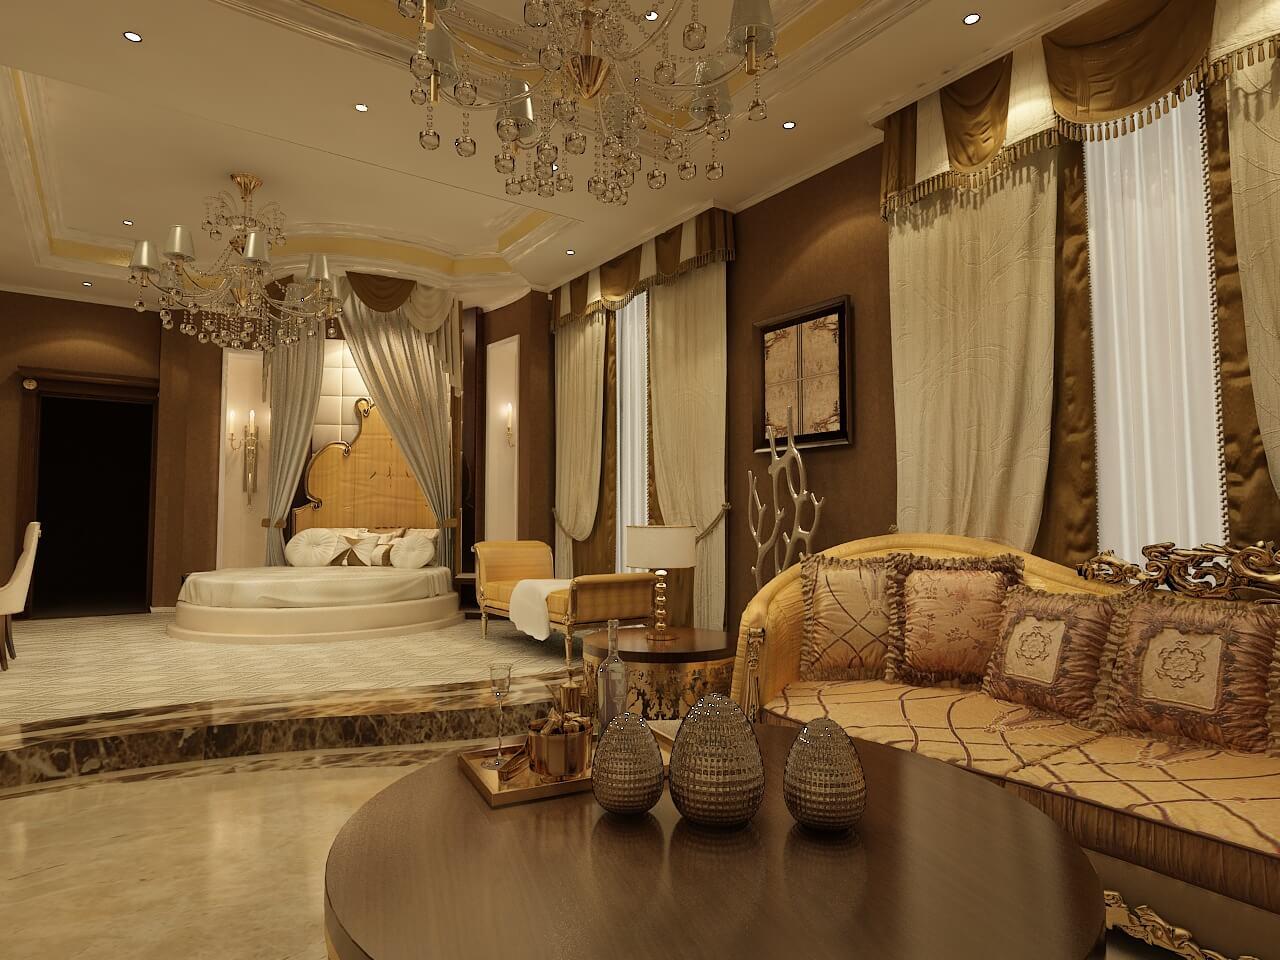 Private Villa, Emirates Hills - 19